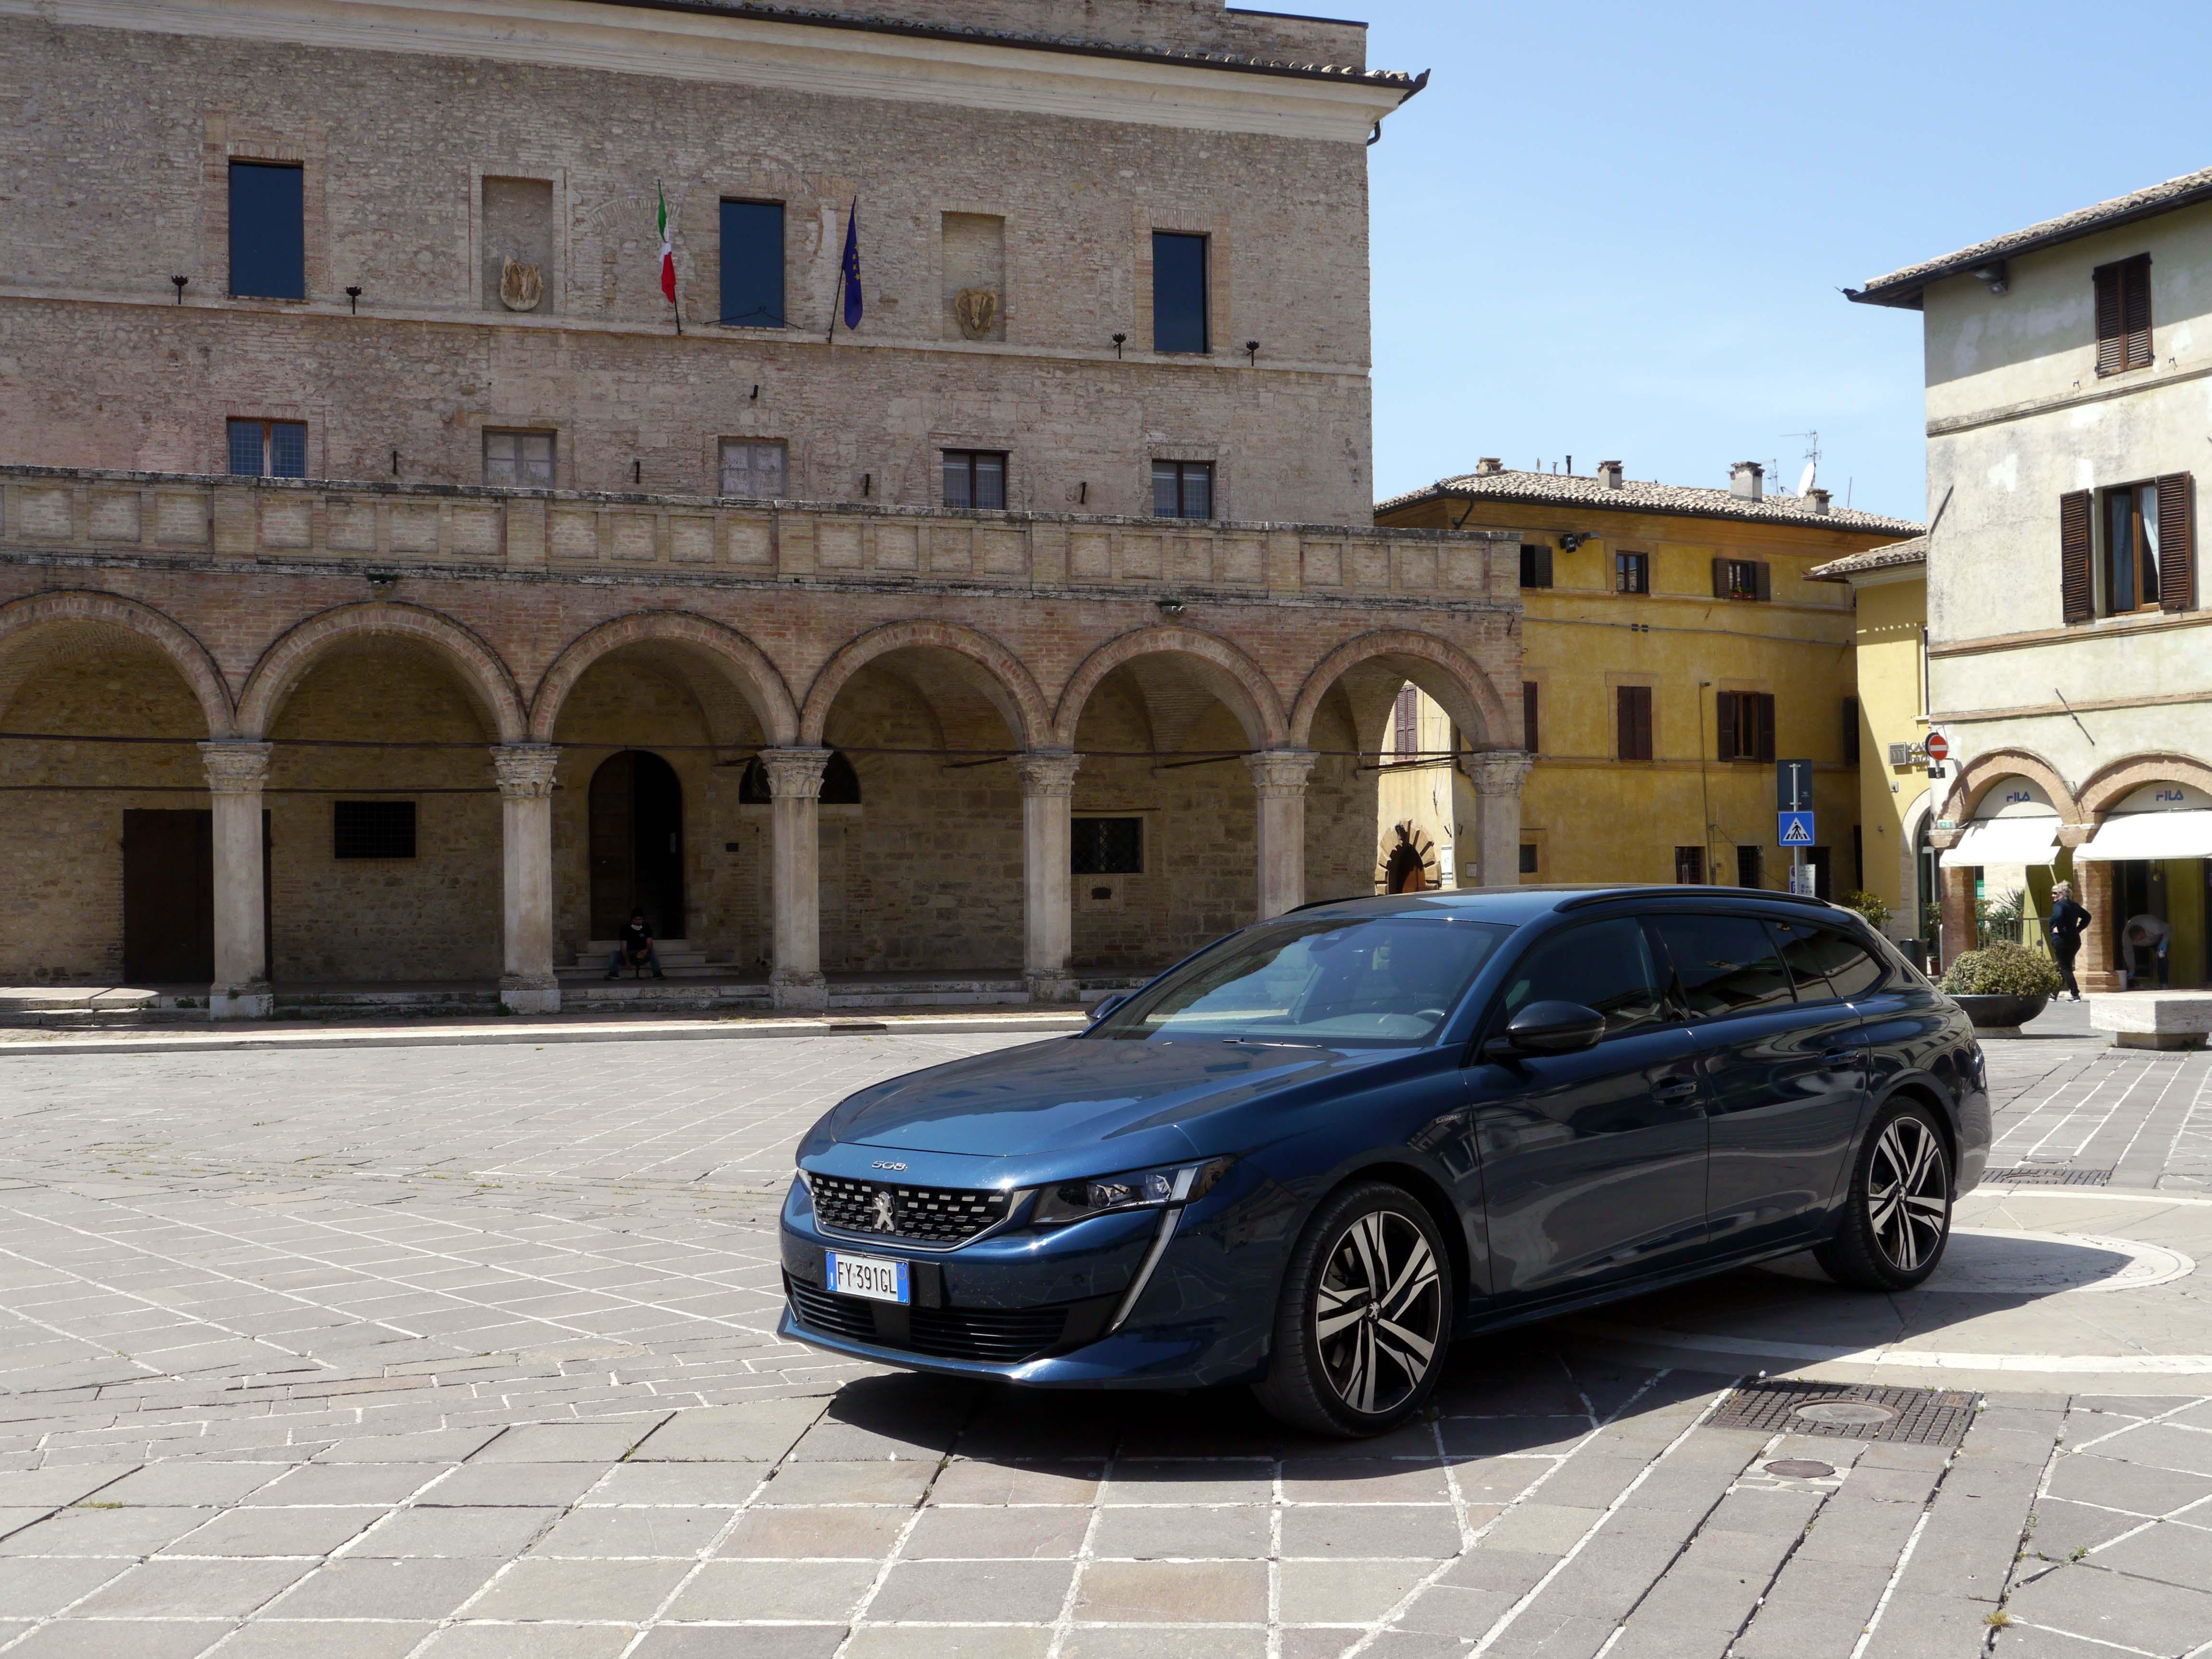 Viaggio in auto - Peugeot 508 SW GT Station Wagon